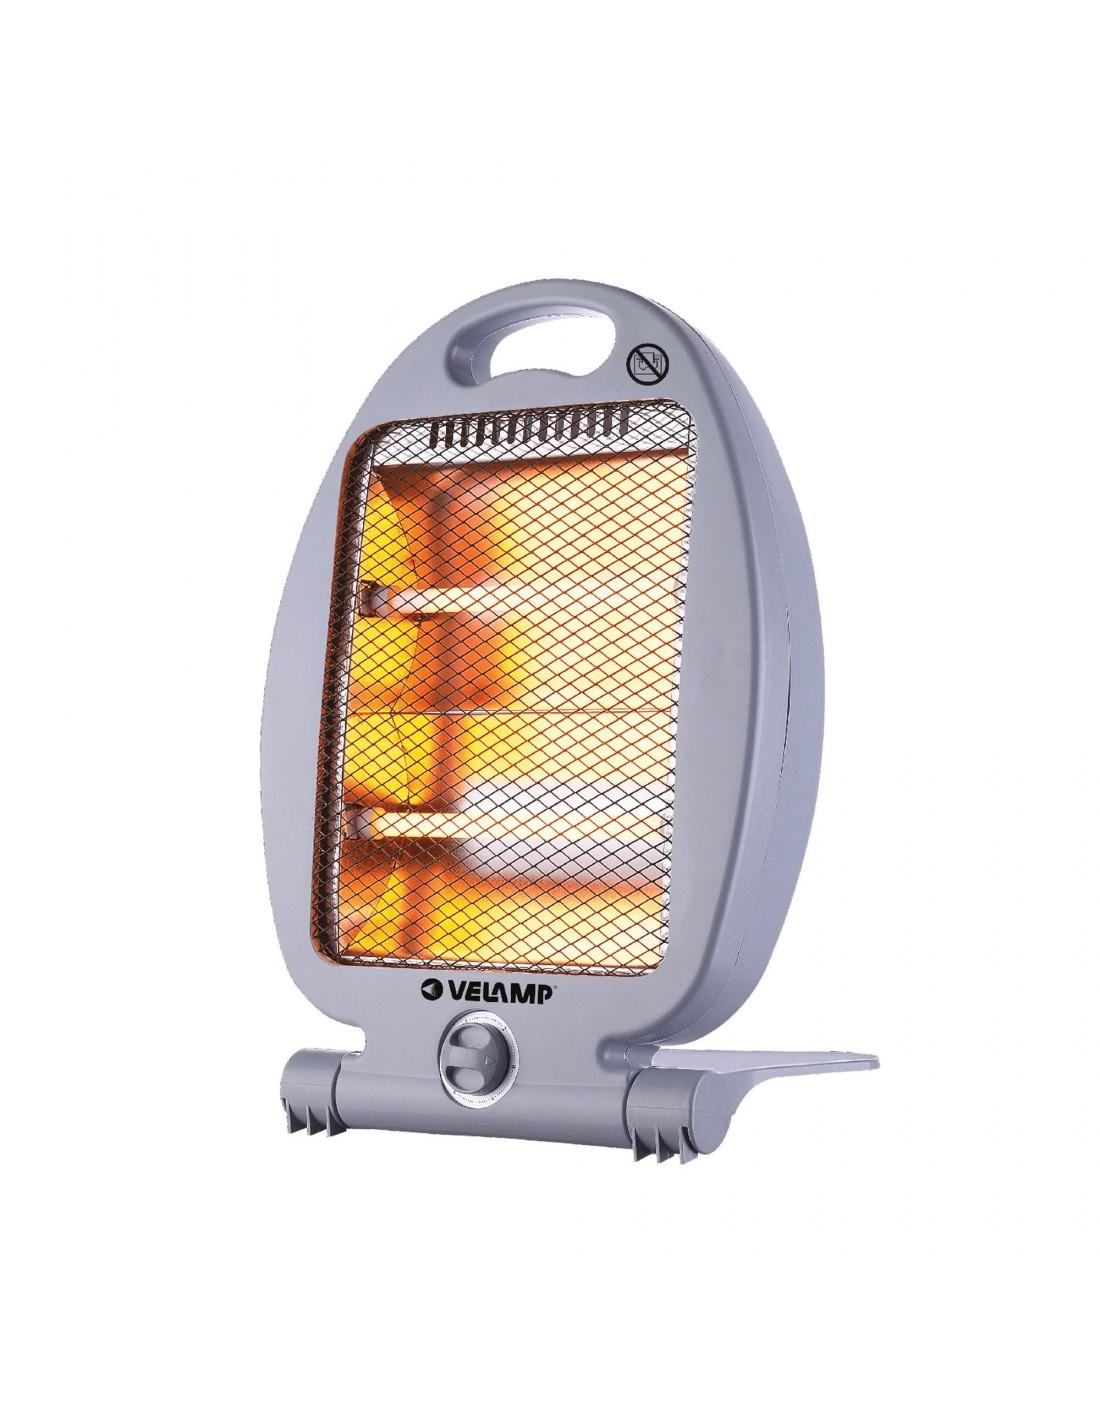 Radiant Quartz heater, 800W, with safety switch, Grey